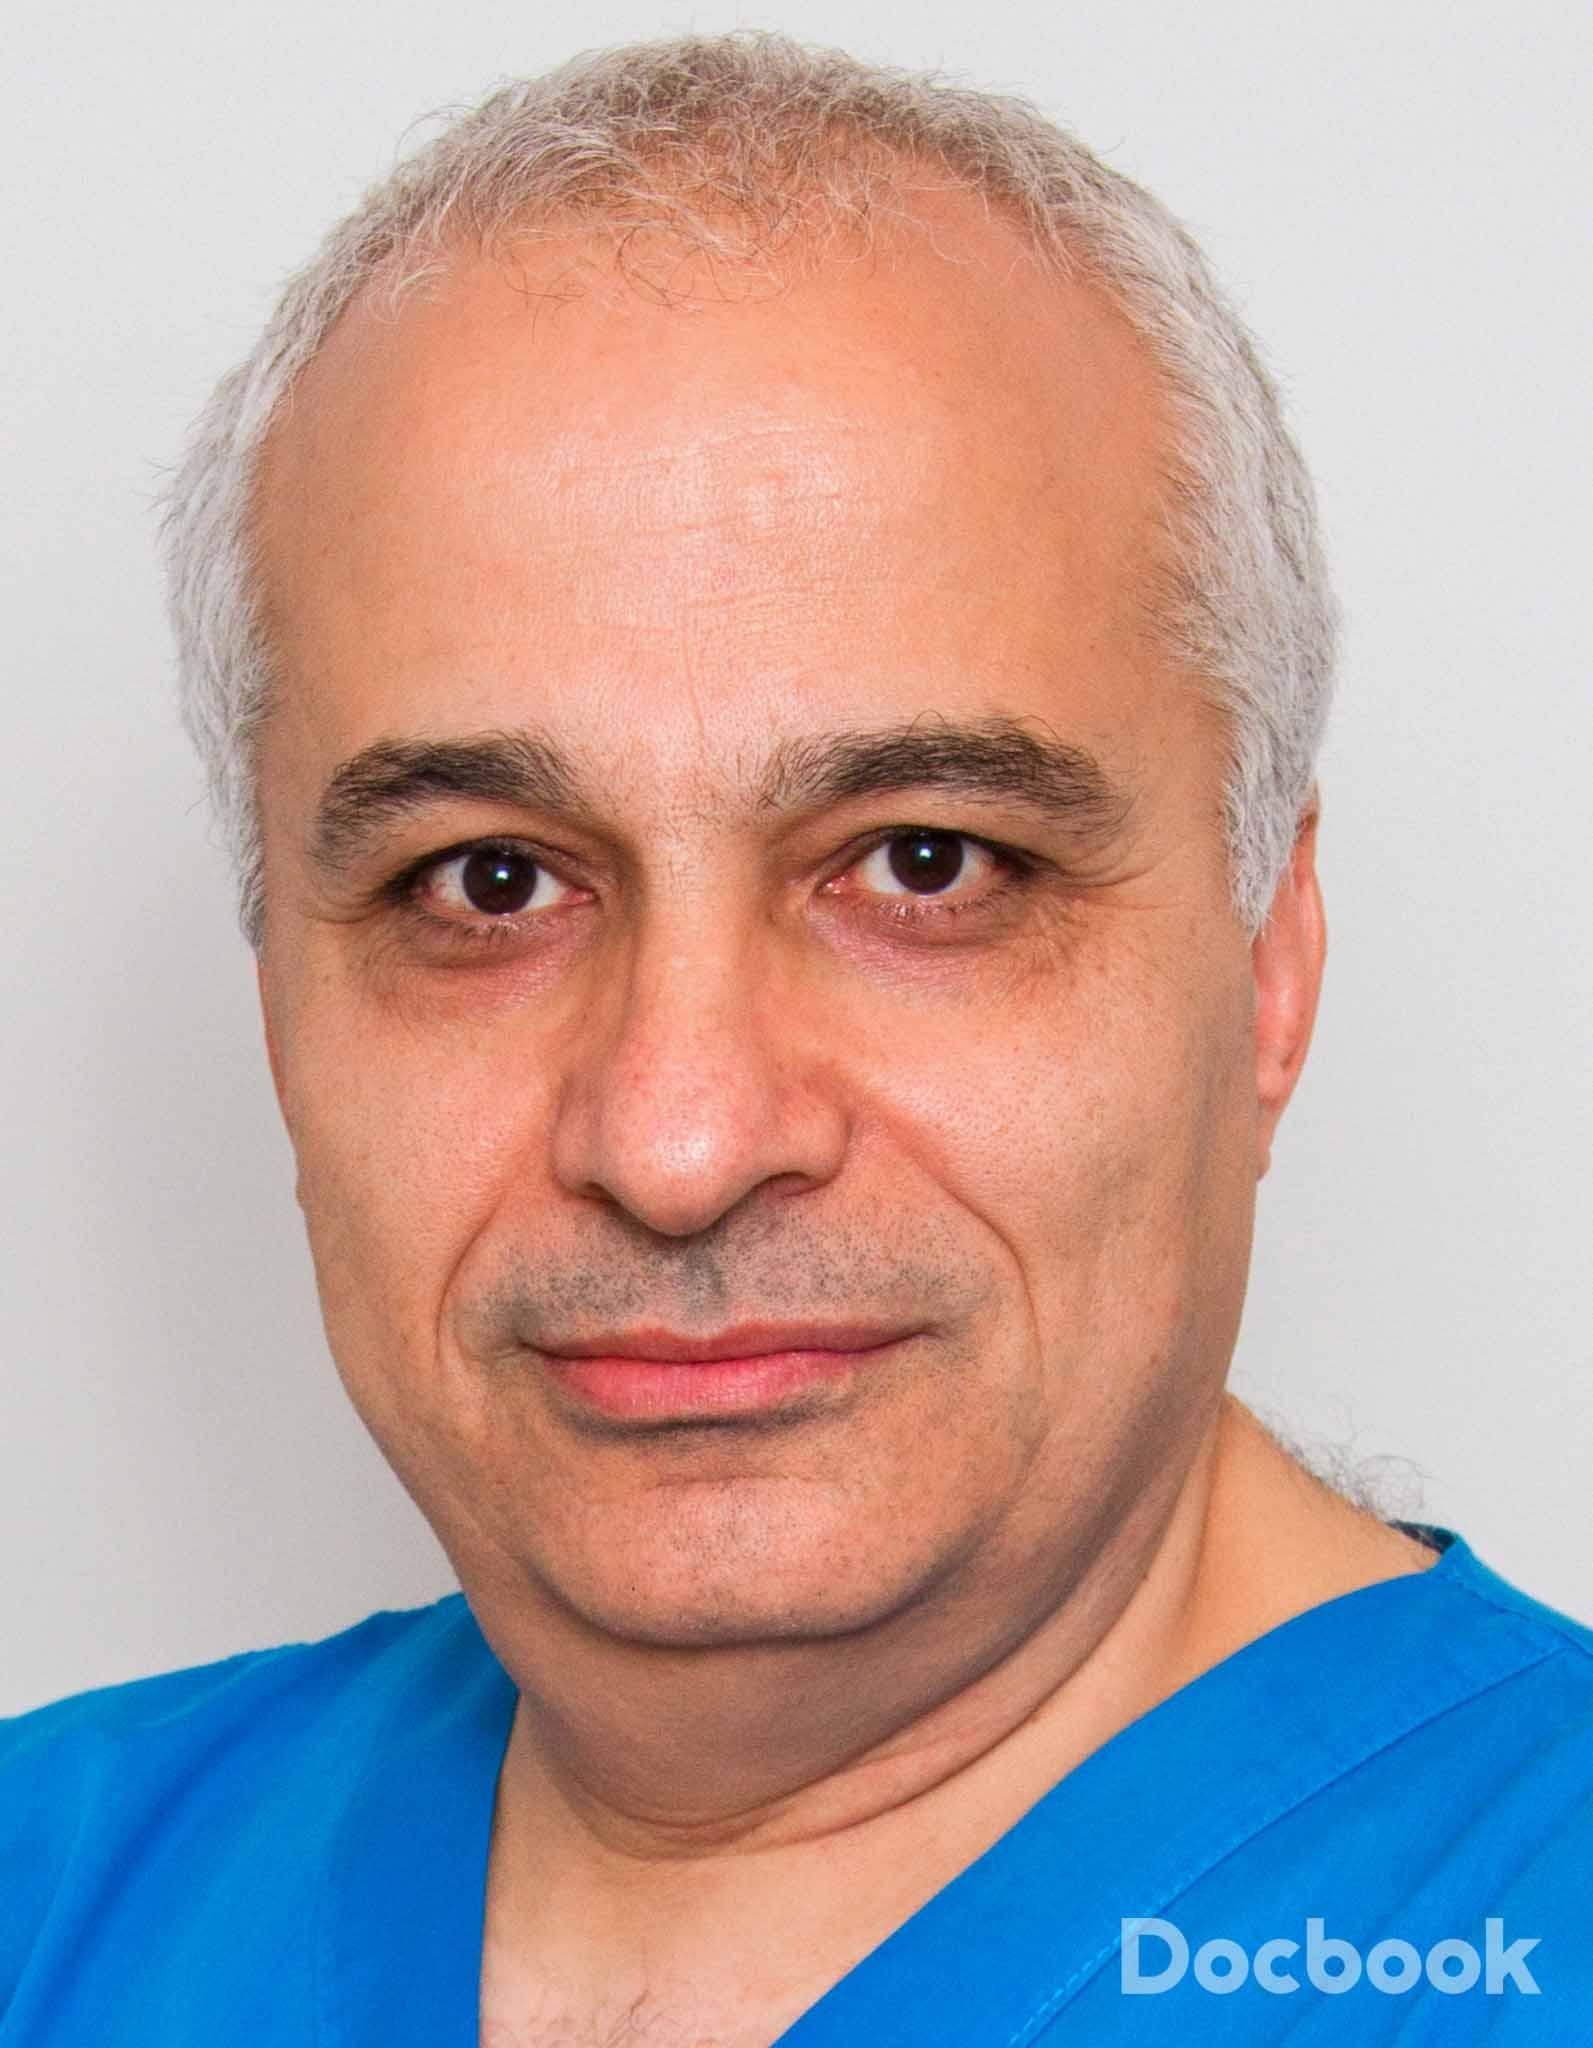 Dr. Mouhhamad Nazemian